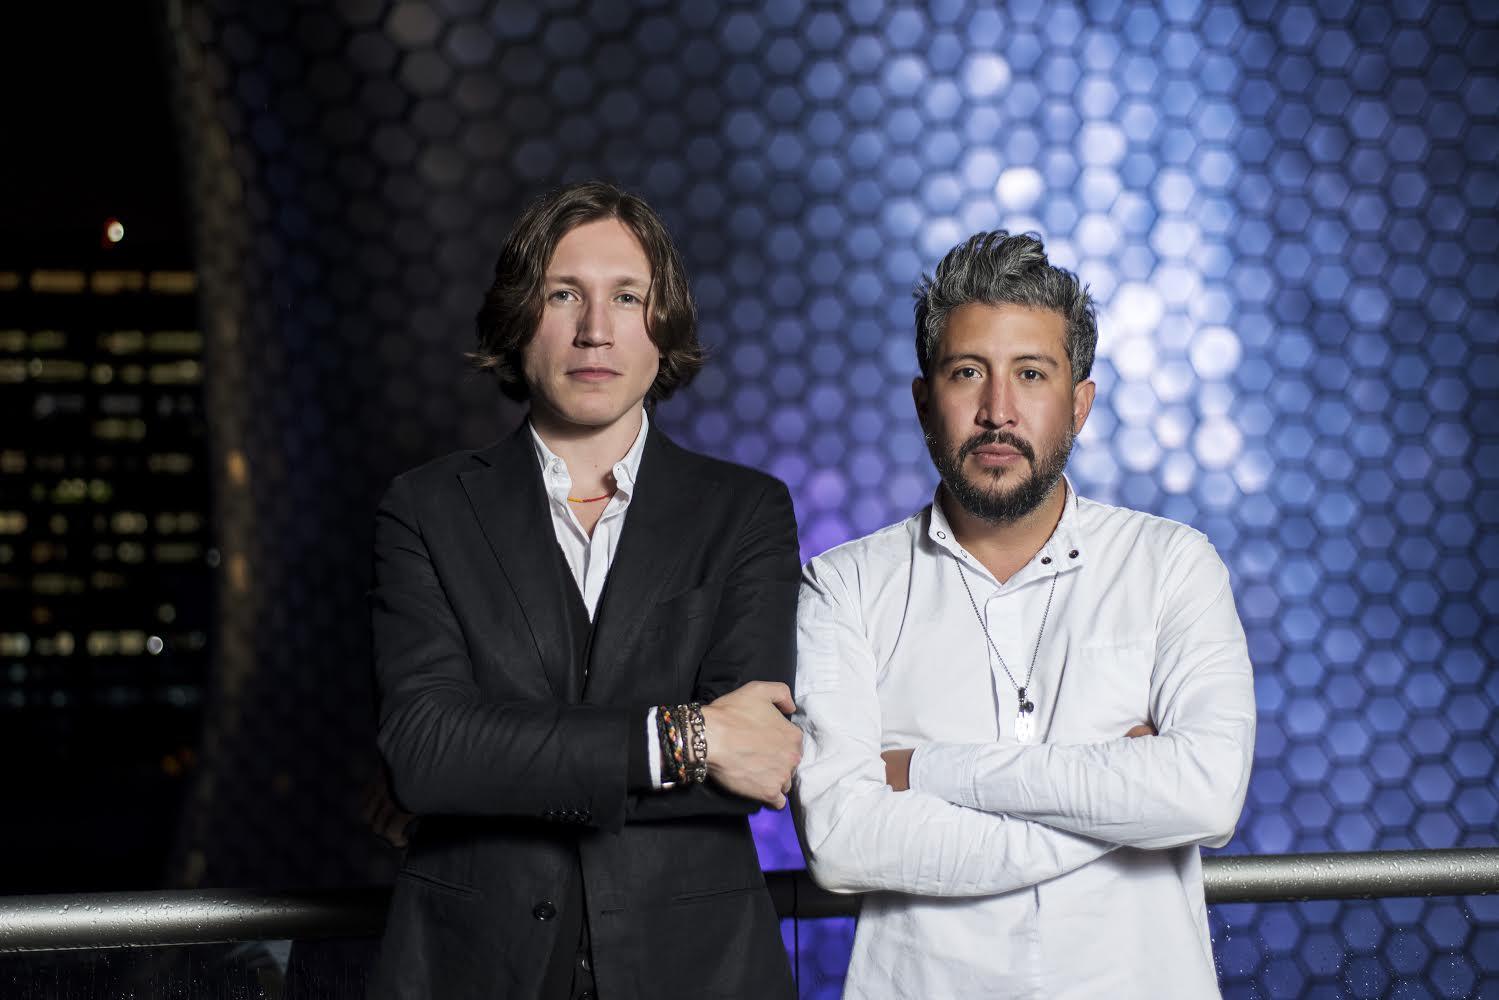 Alexander van Rijn & Marcelo Planchart